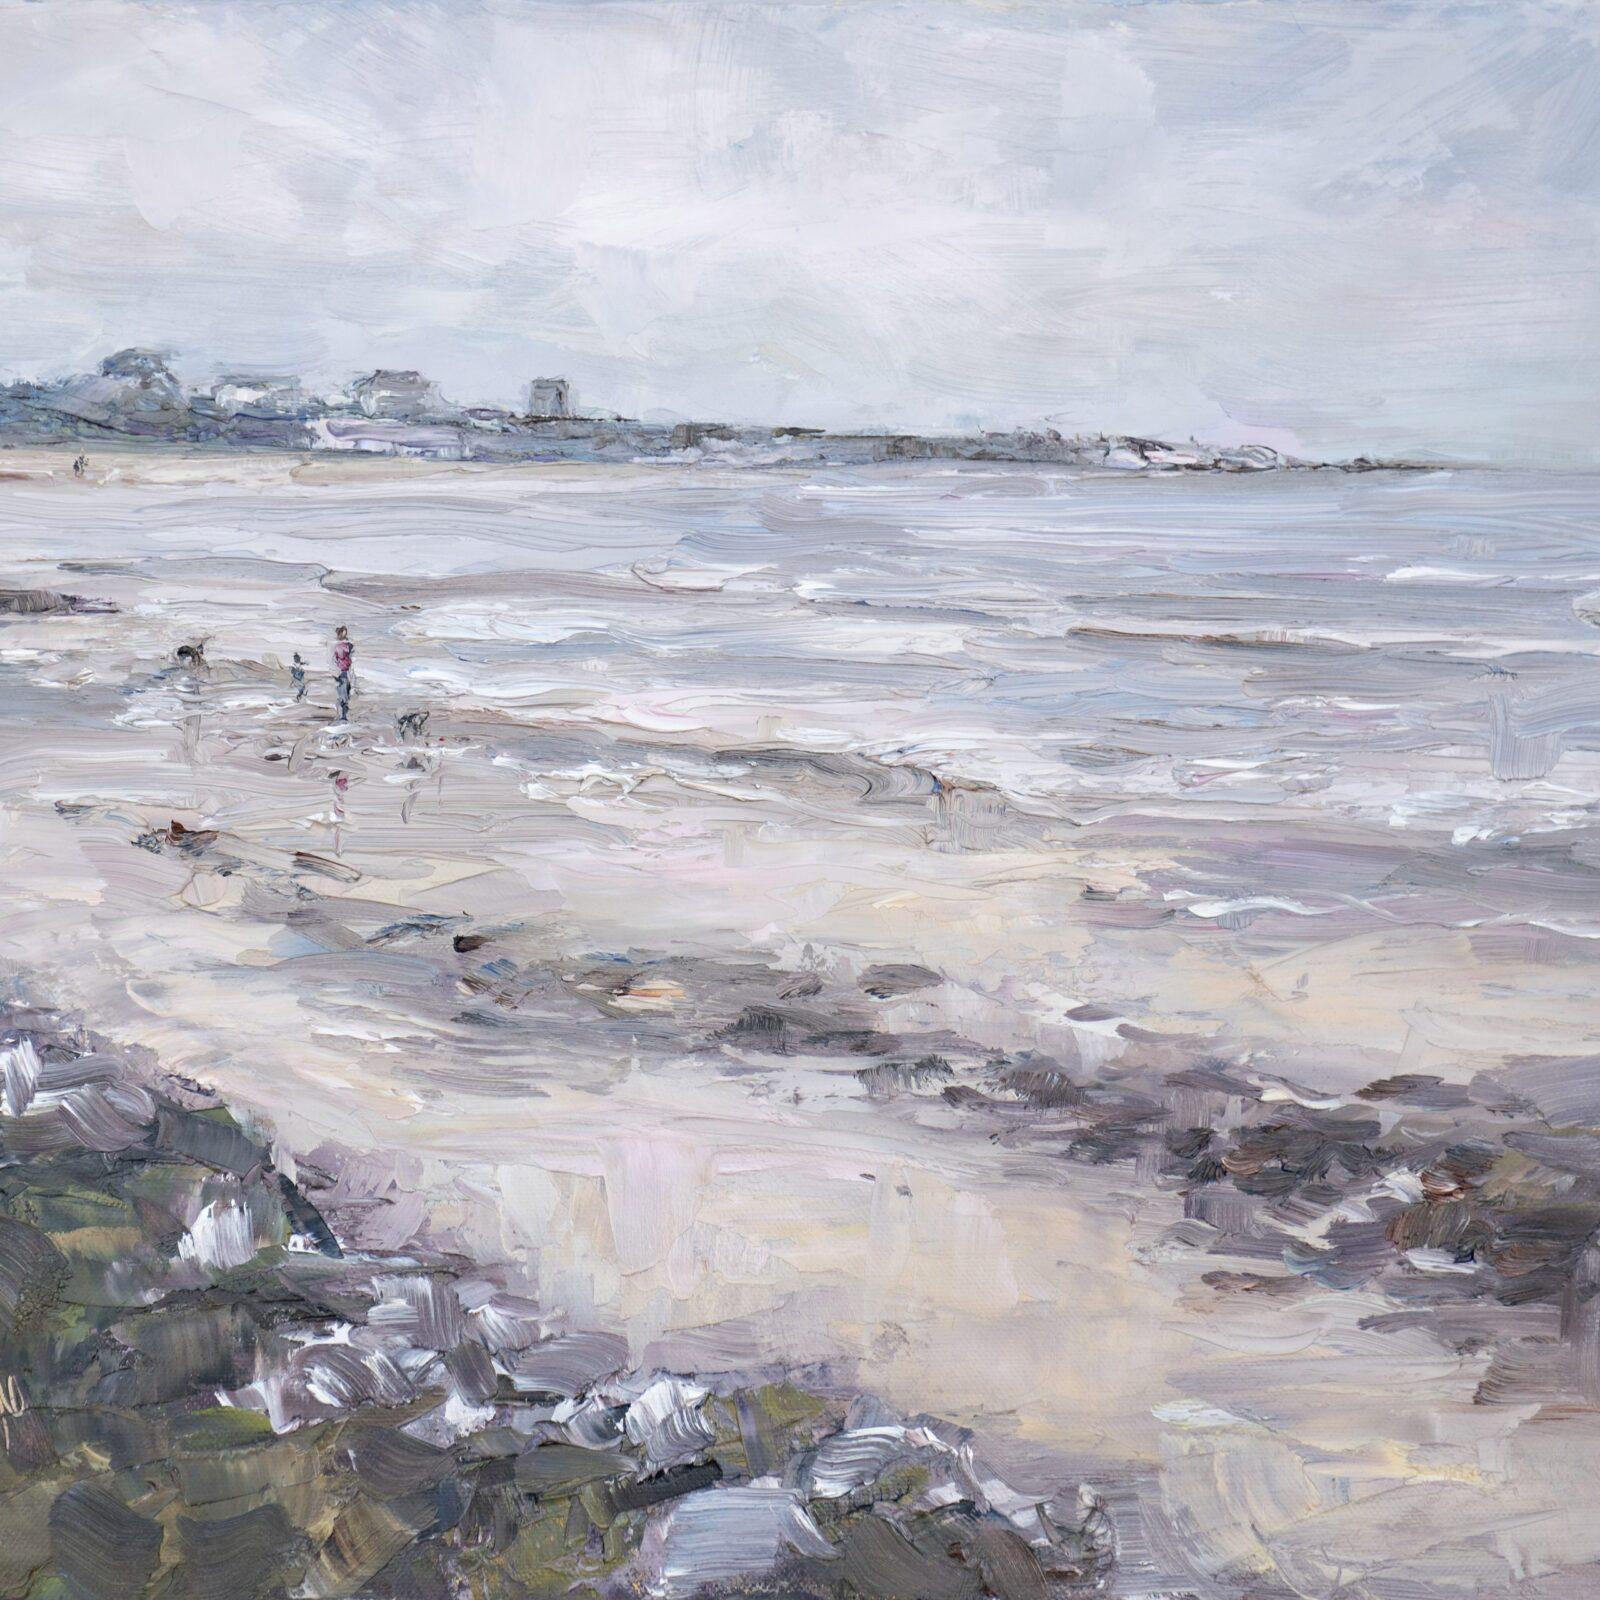 south beach skerries